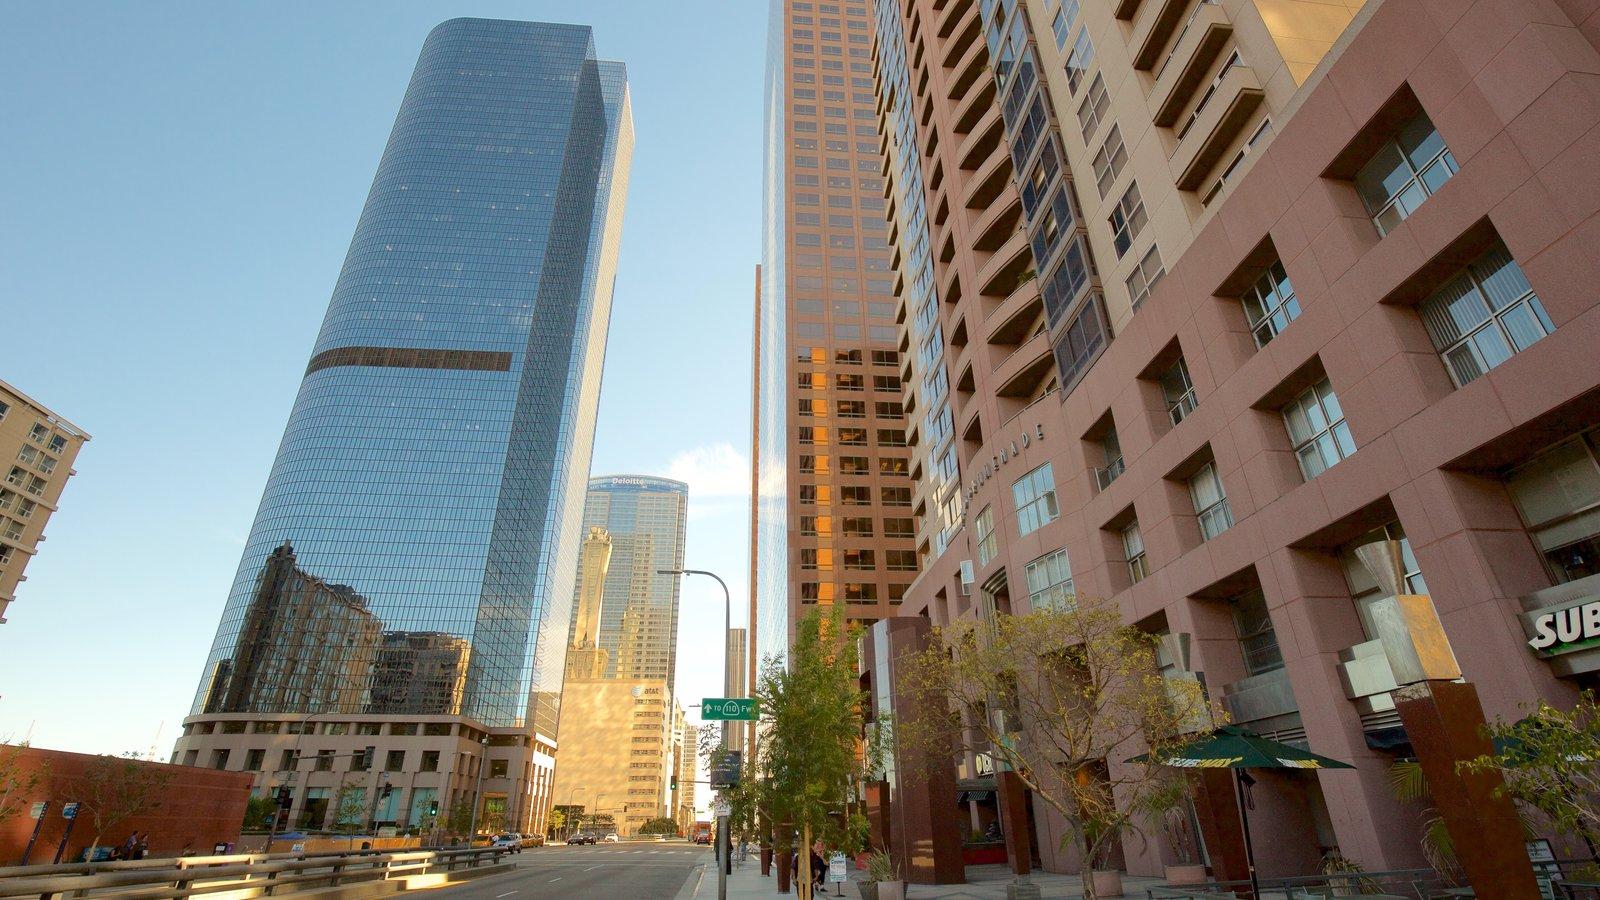 Centro de Los Ángeles que incluye una ciudad